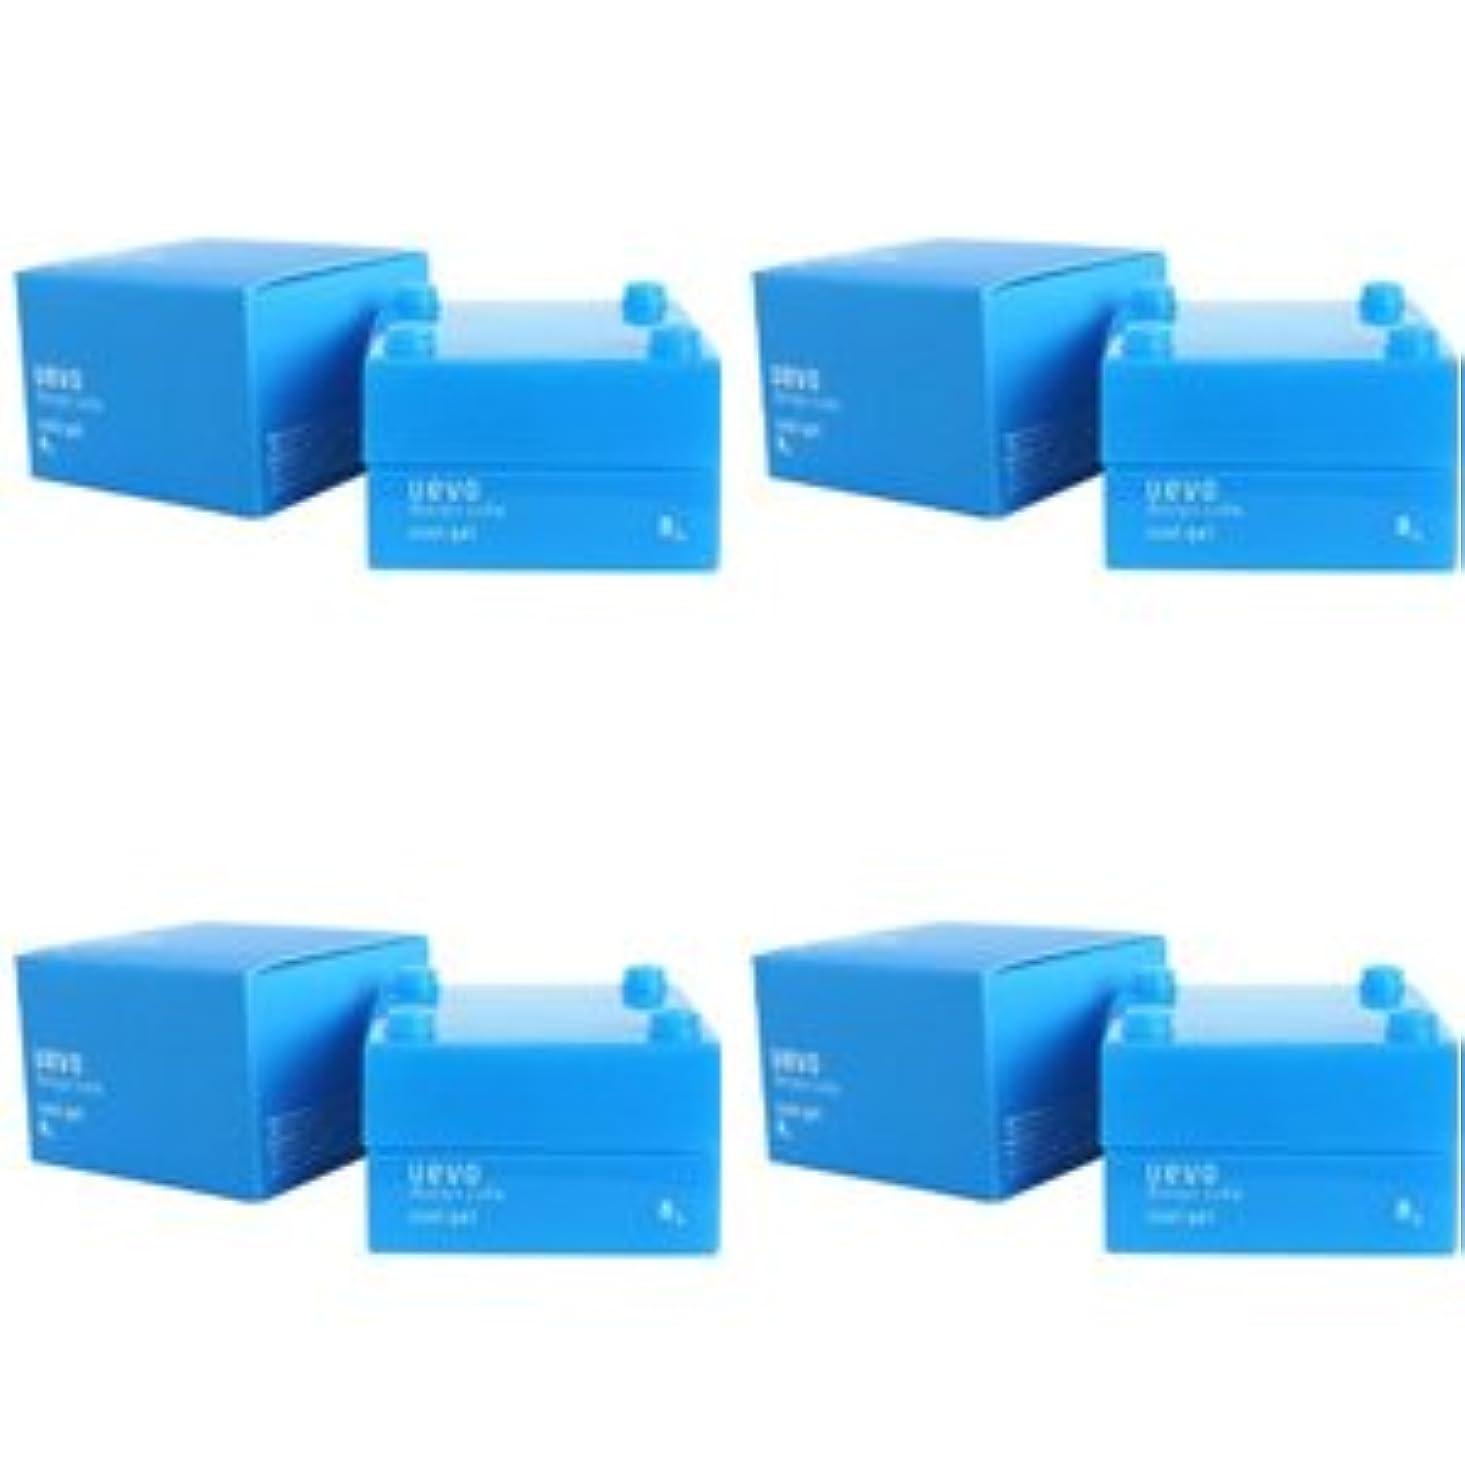 結婚する排除豊富な【X4個セット】 デミ ウェーボ デザインキューブ クールジェル 30g cool gel DEMI uevo design cube